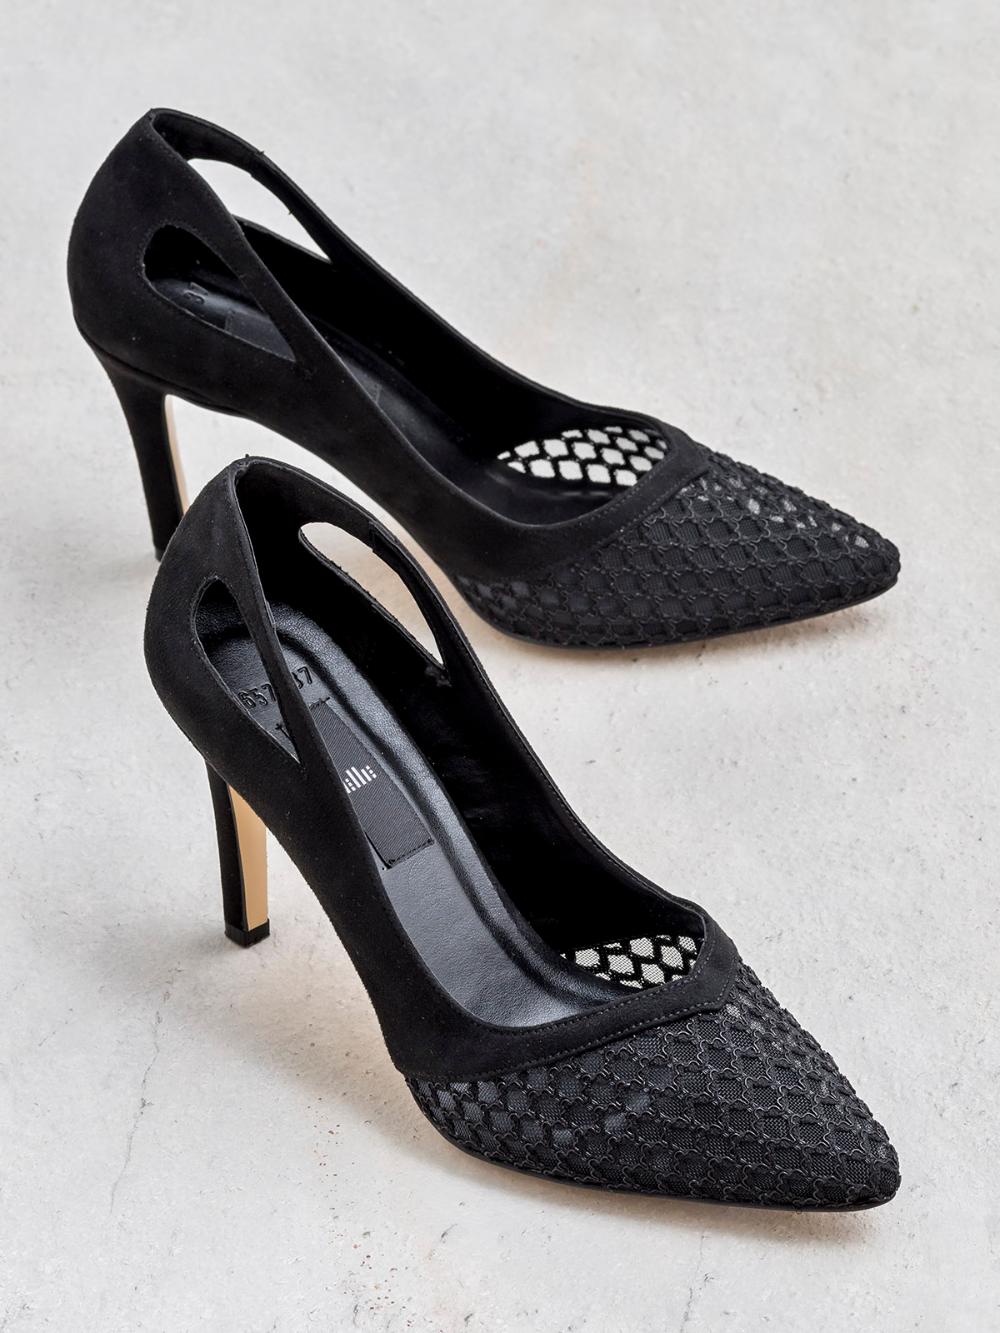 Yeni Sezon Bayan Ayakkabi Elle Shoes Bayan Ayakkabi Ayakkabilar Moda Ayakkabilar